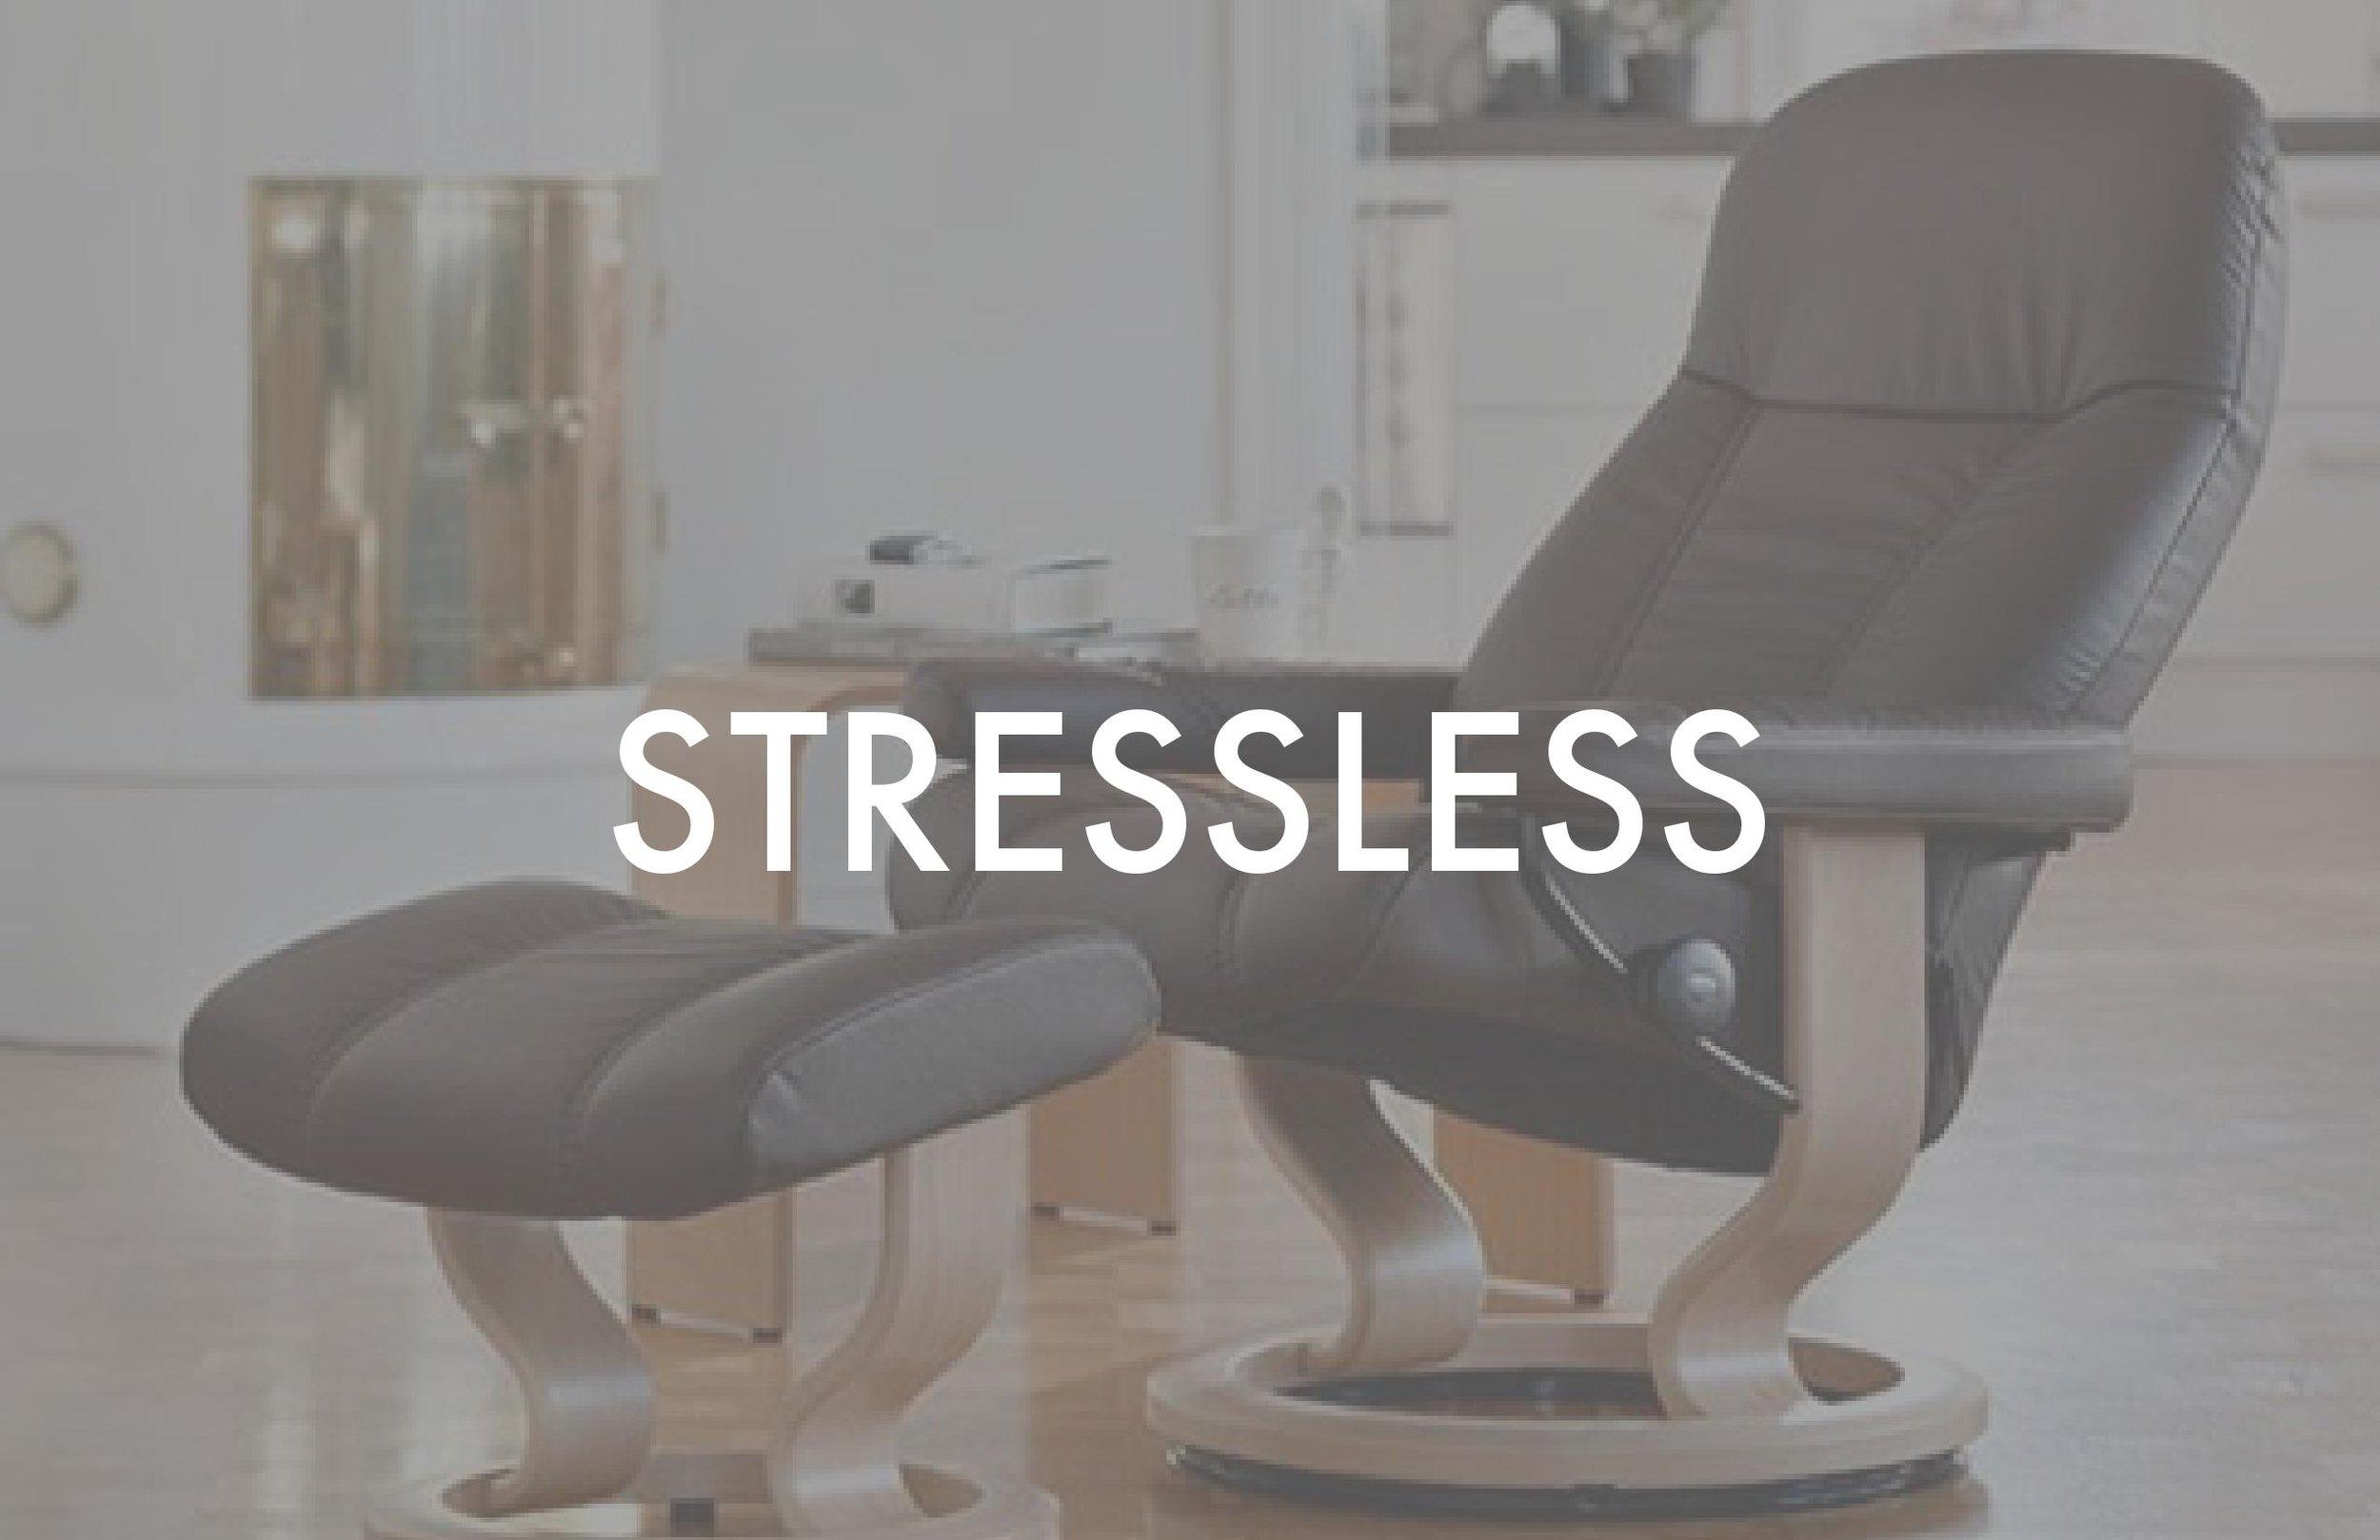 Stressless_000001.jpg